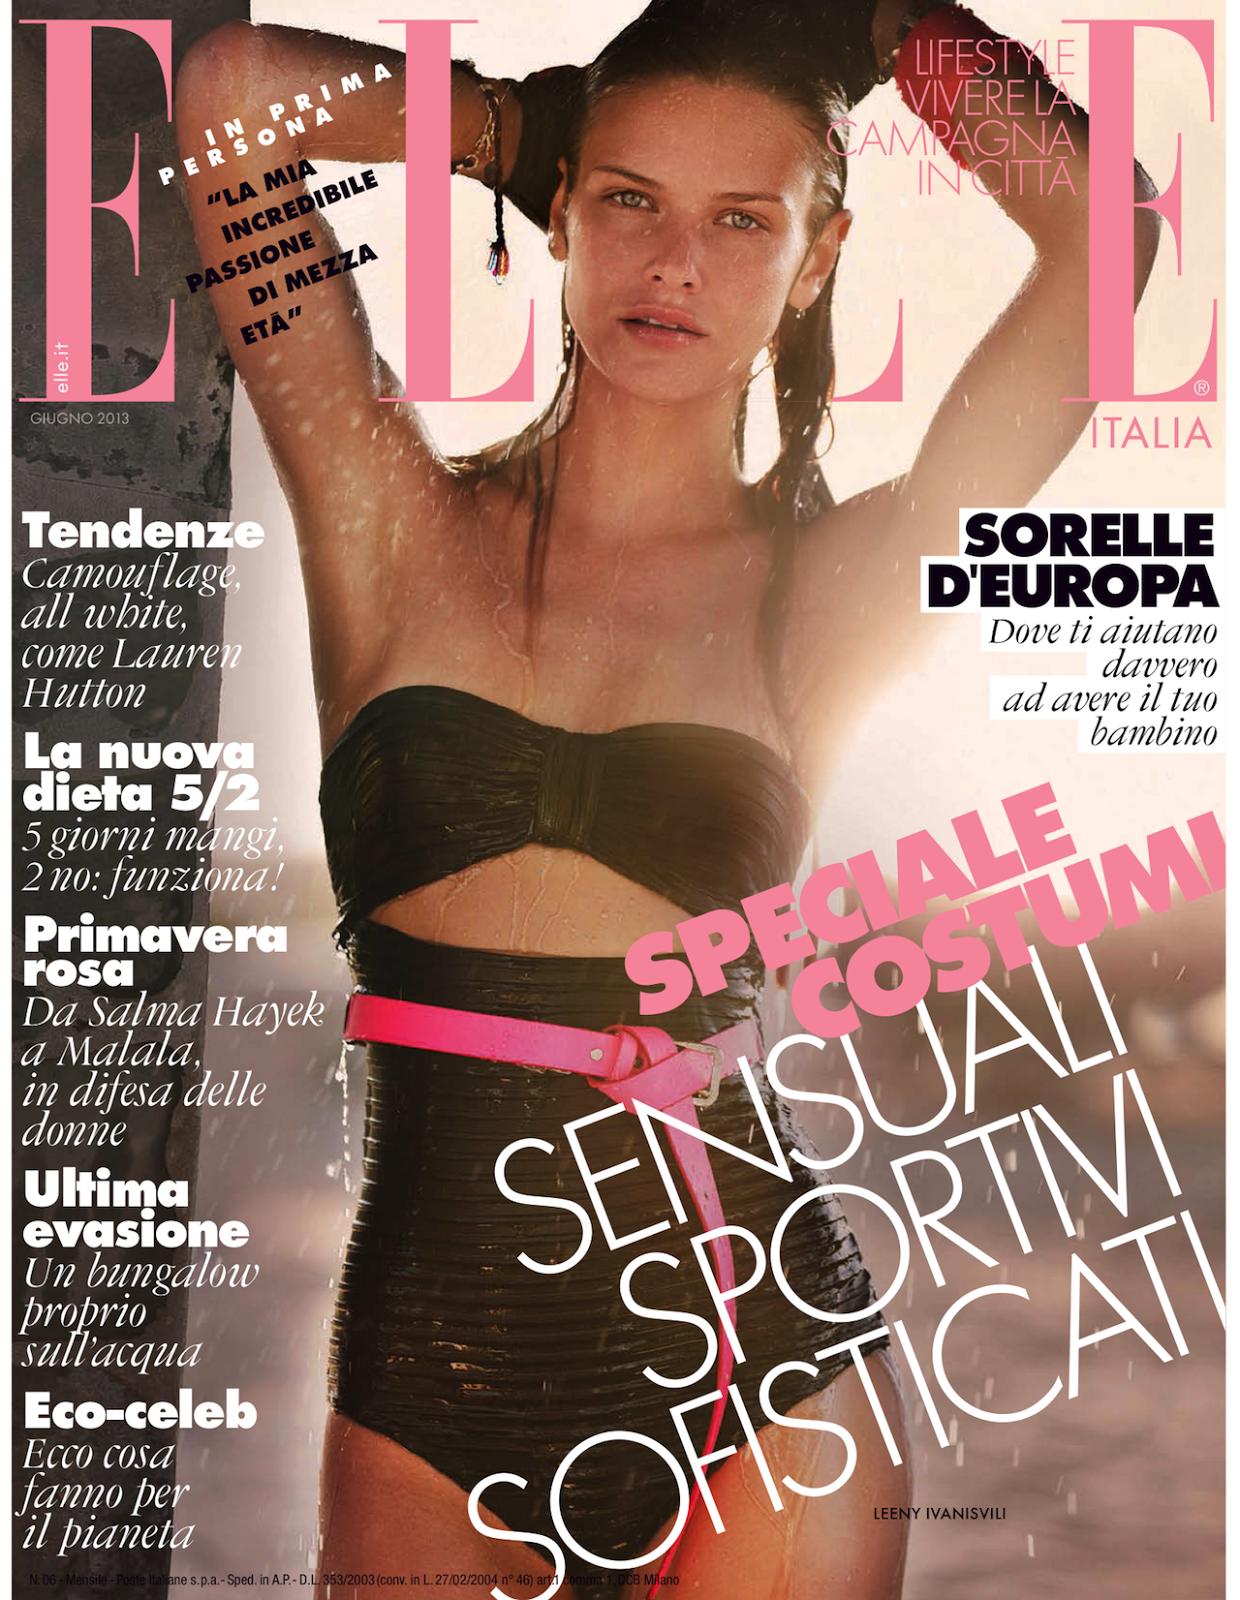 Elle Italia June 2013 : Keep On Movin'Elle Italia June 2013 issue :    Leeny Ivanisvili – model    Drew Jarrett – photographer